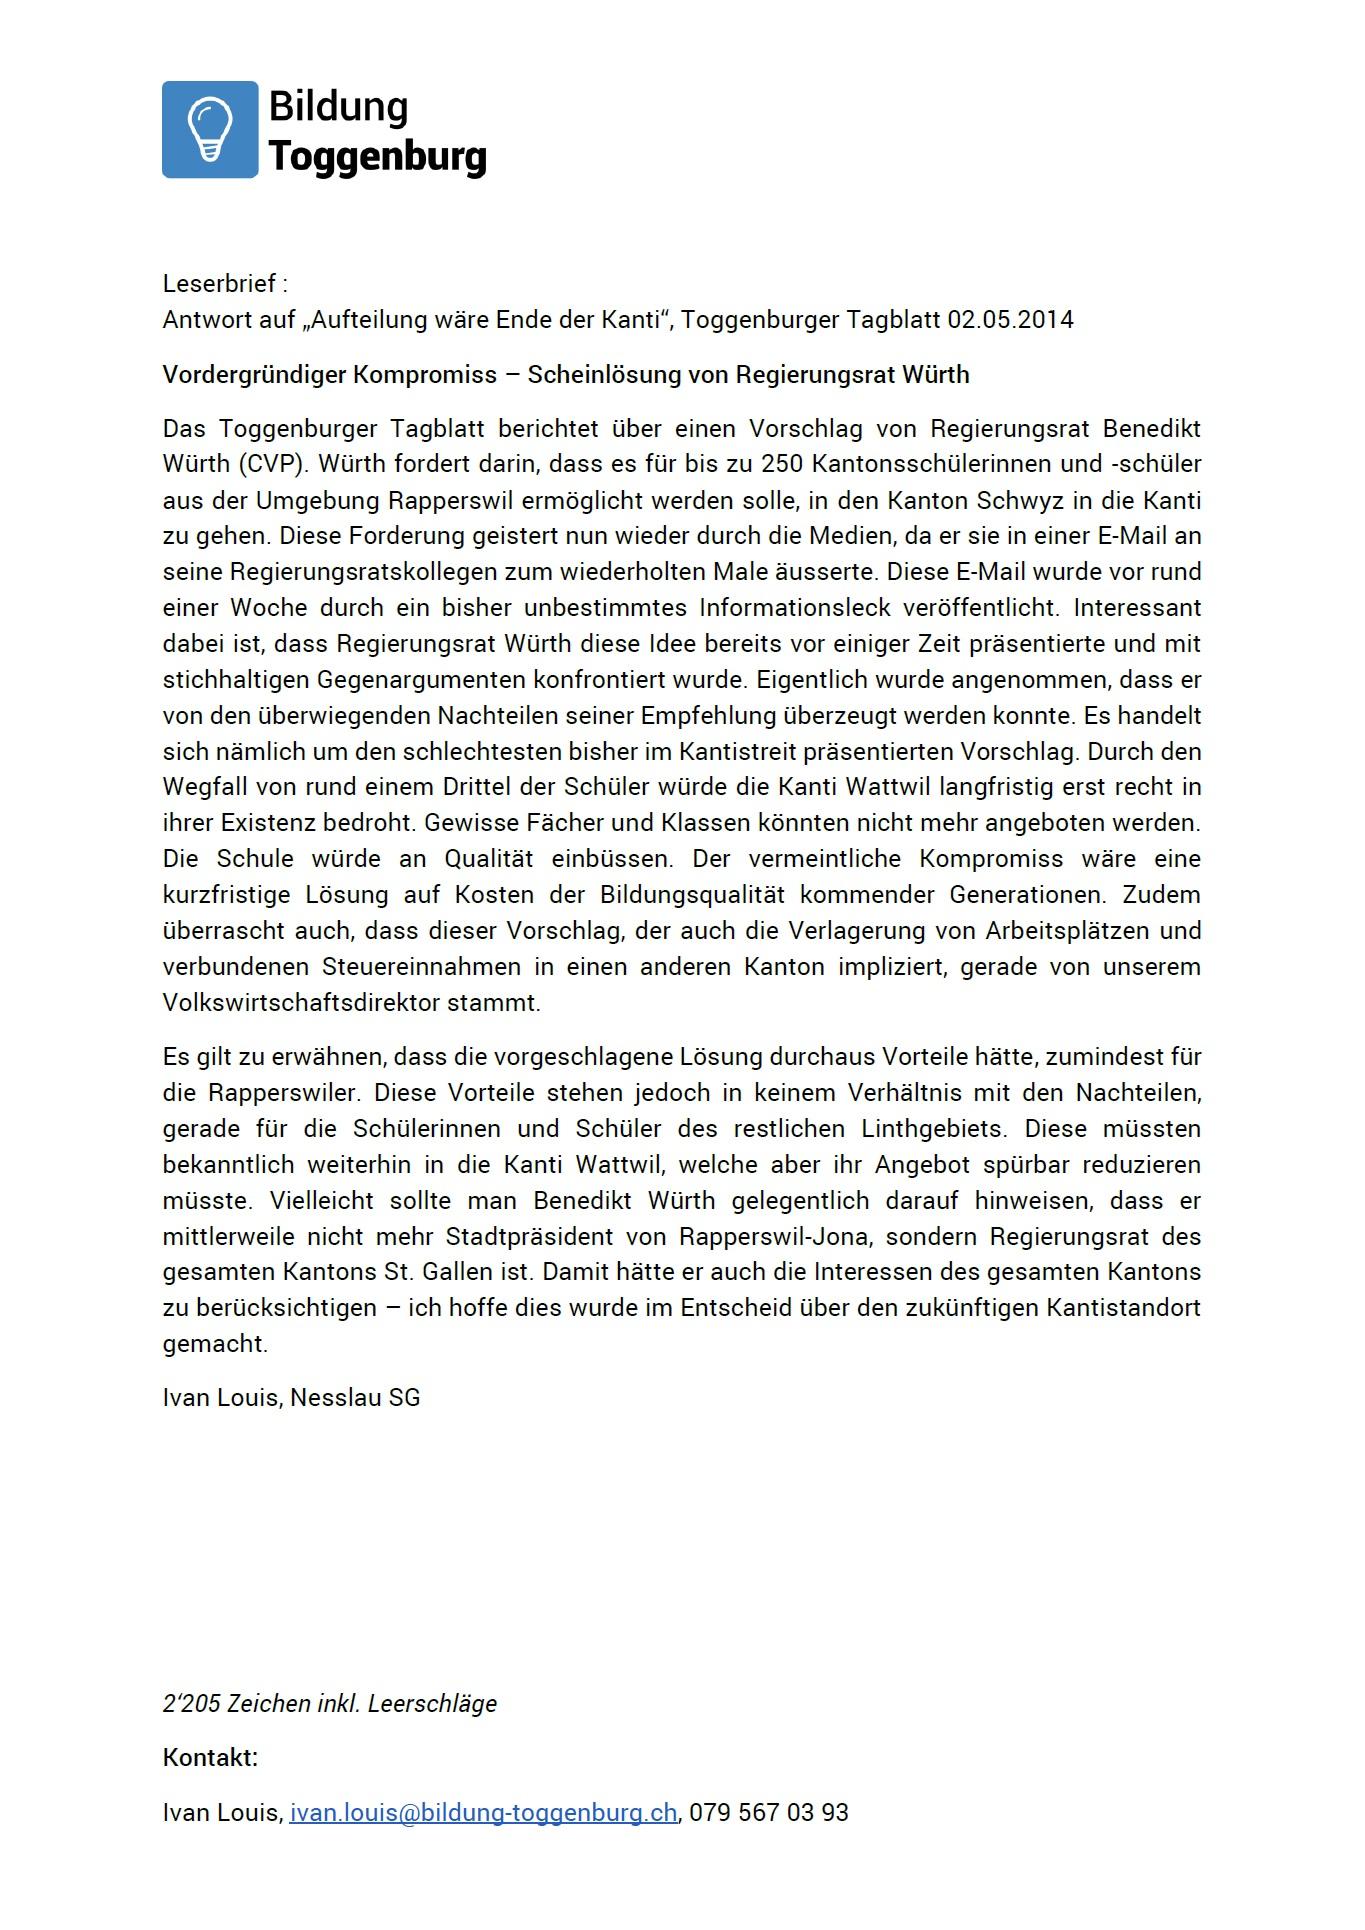 Vordergründiger Kompromiss – Scheinlösung von Regierungsrat Würth (Montag, 05.05.2014)